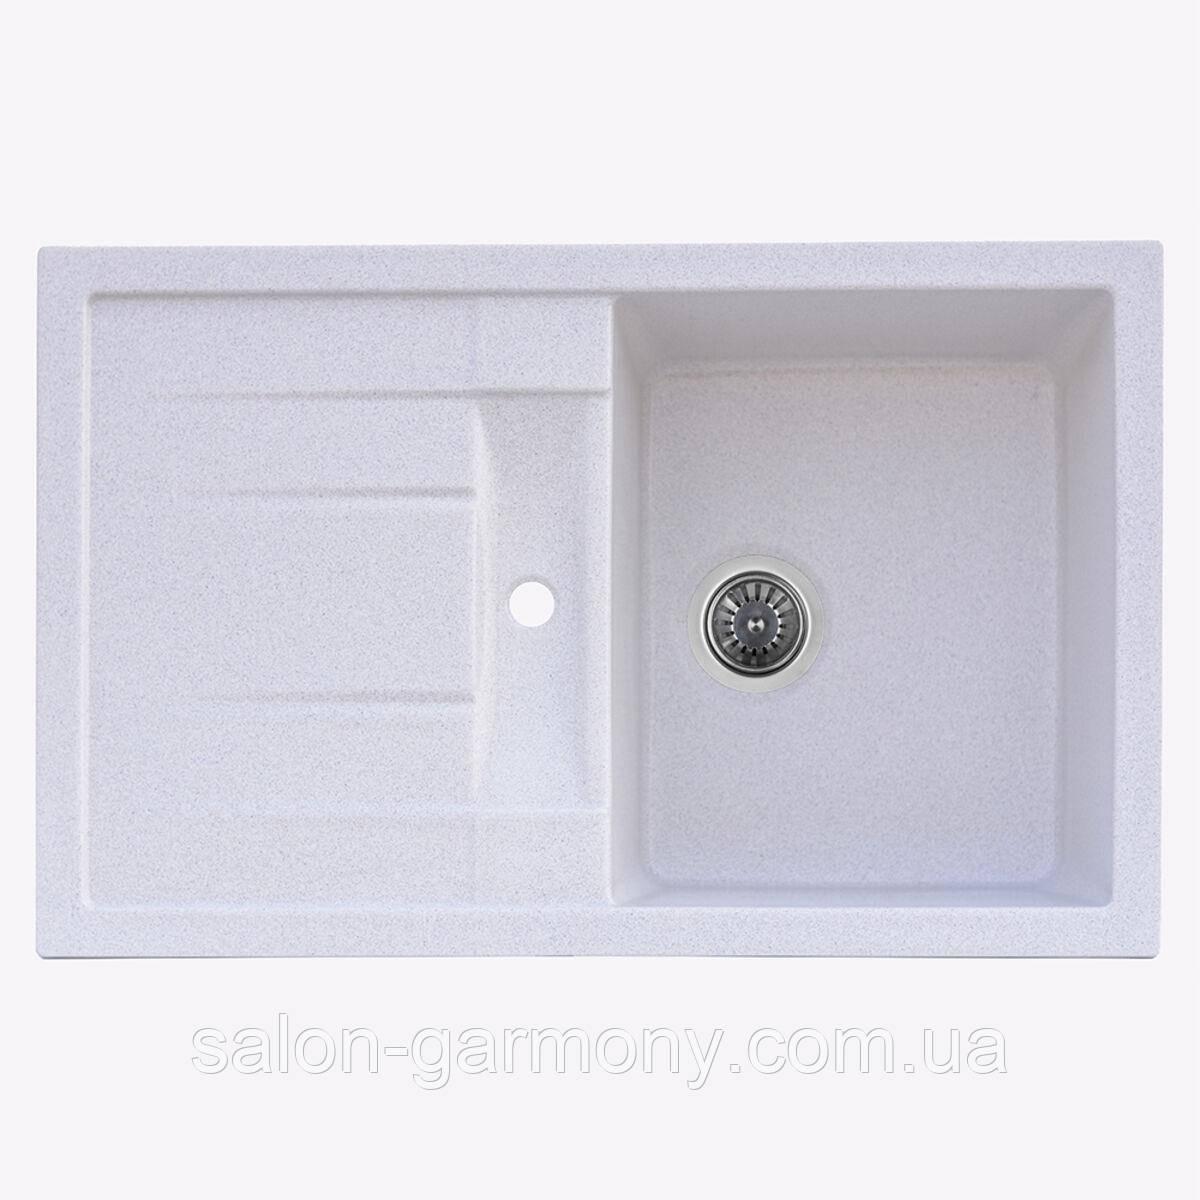 Гранітна мийка для кухні Platinum 7850 PRETSO глянець Топаз